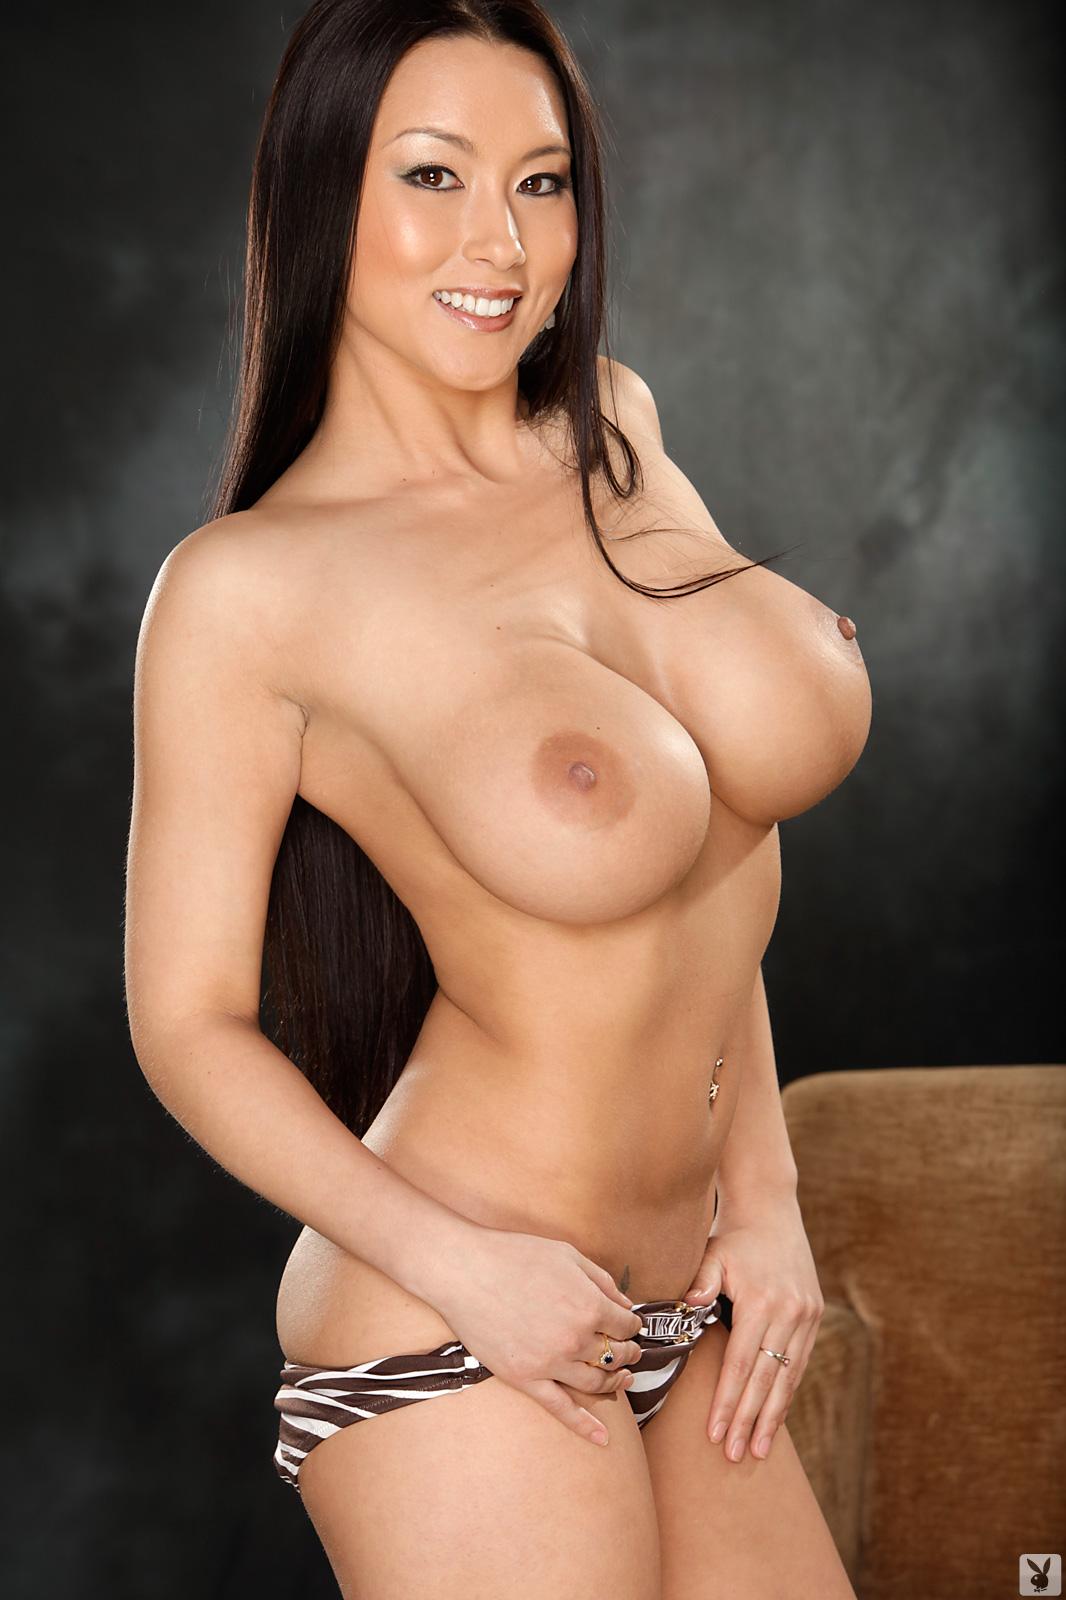 kacey jordan porn movies